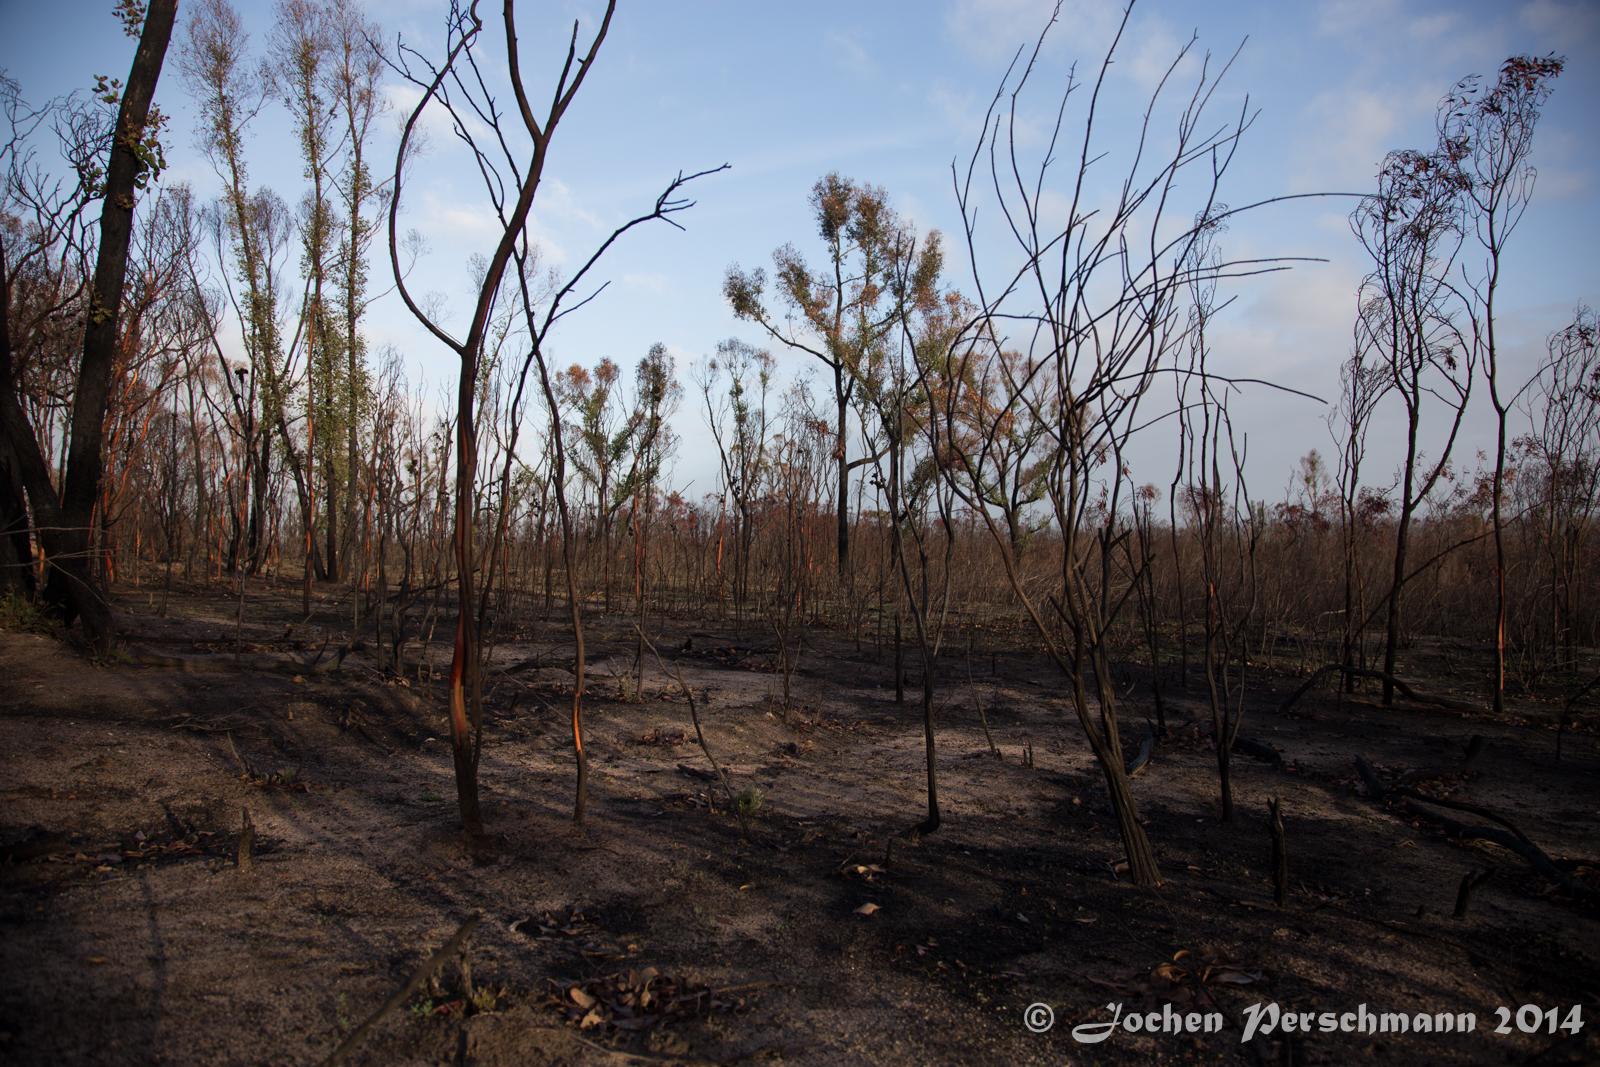 Die verbrannte Landschaft rund um die Taipan Wall